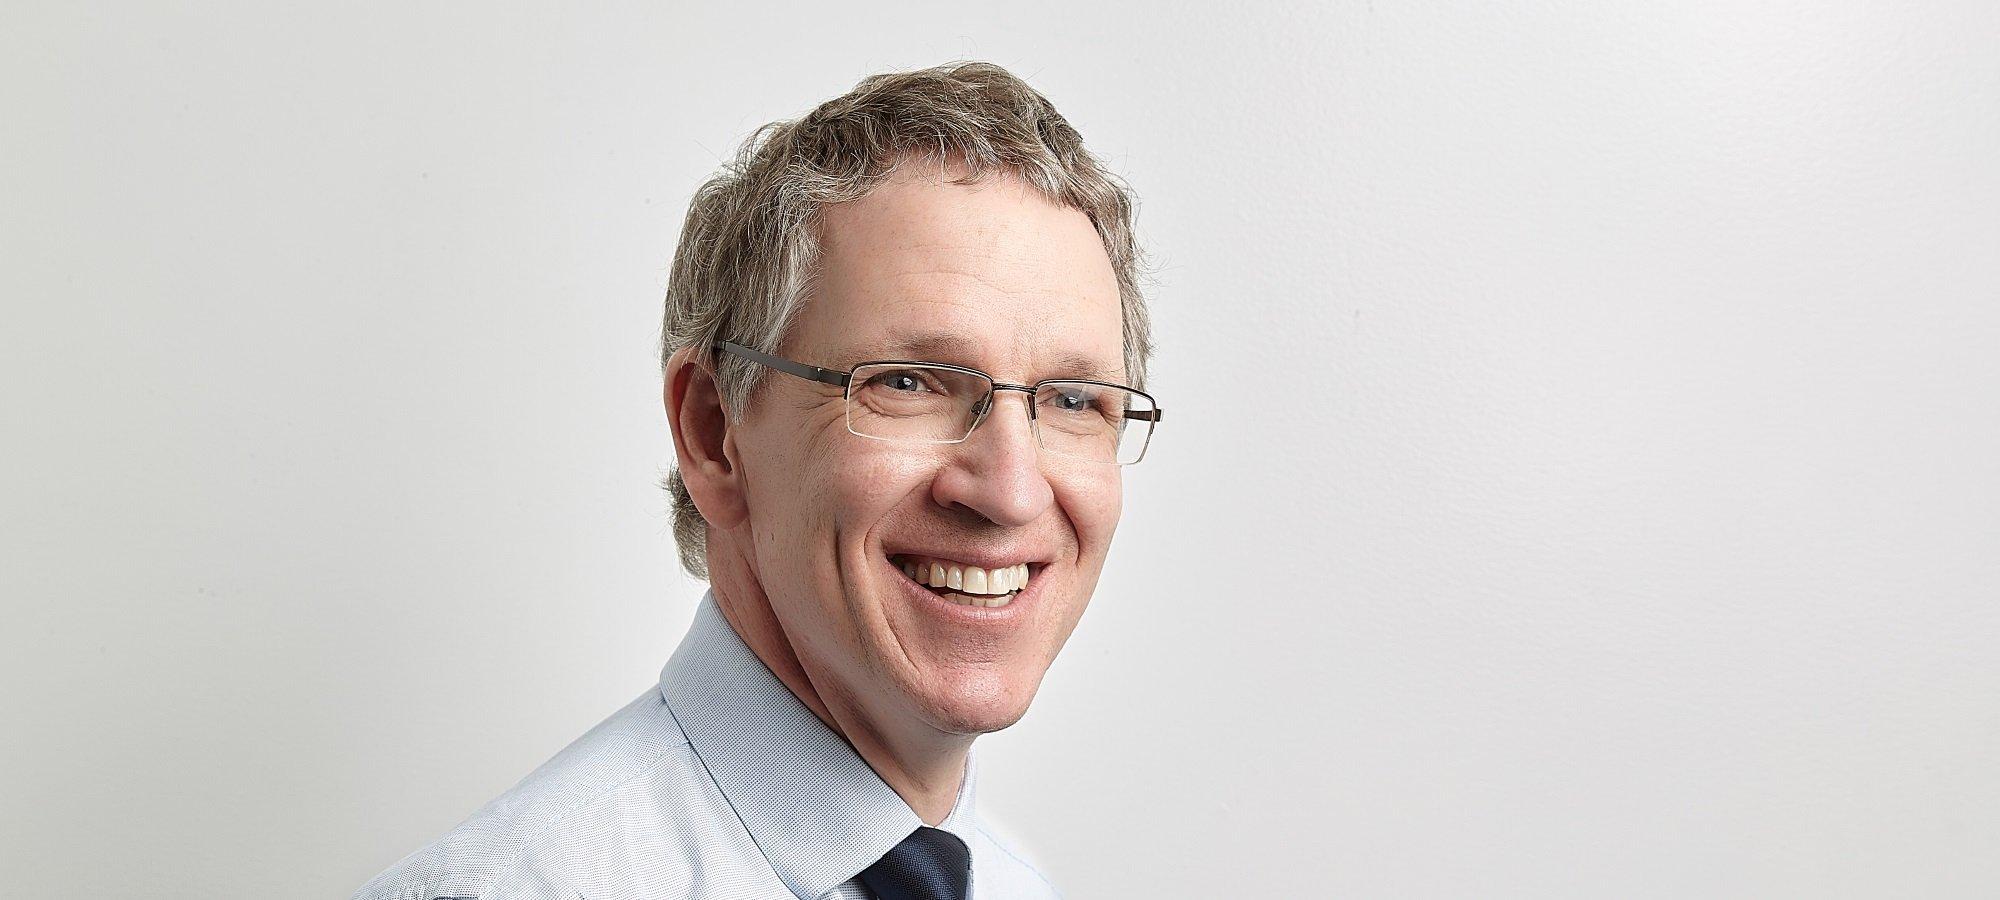 Michael Kane, Senior Consultant, Equinox IT Wellington